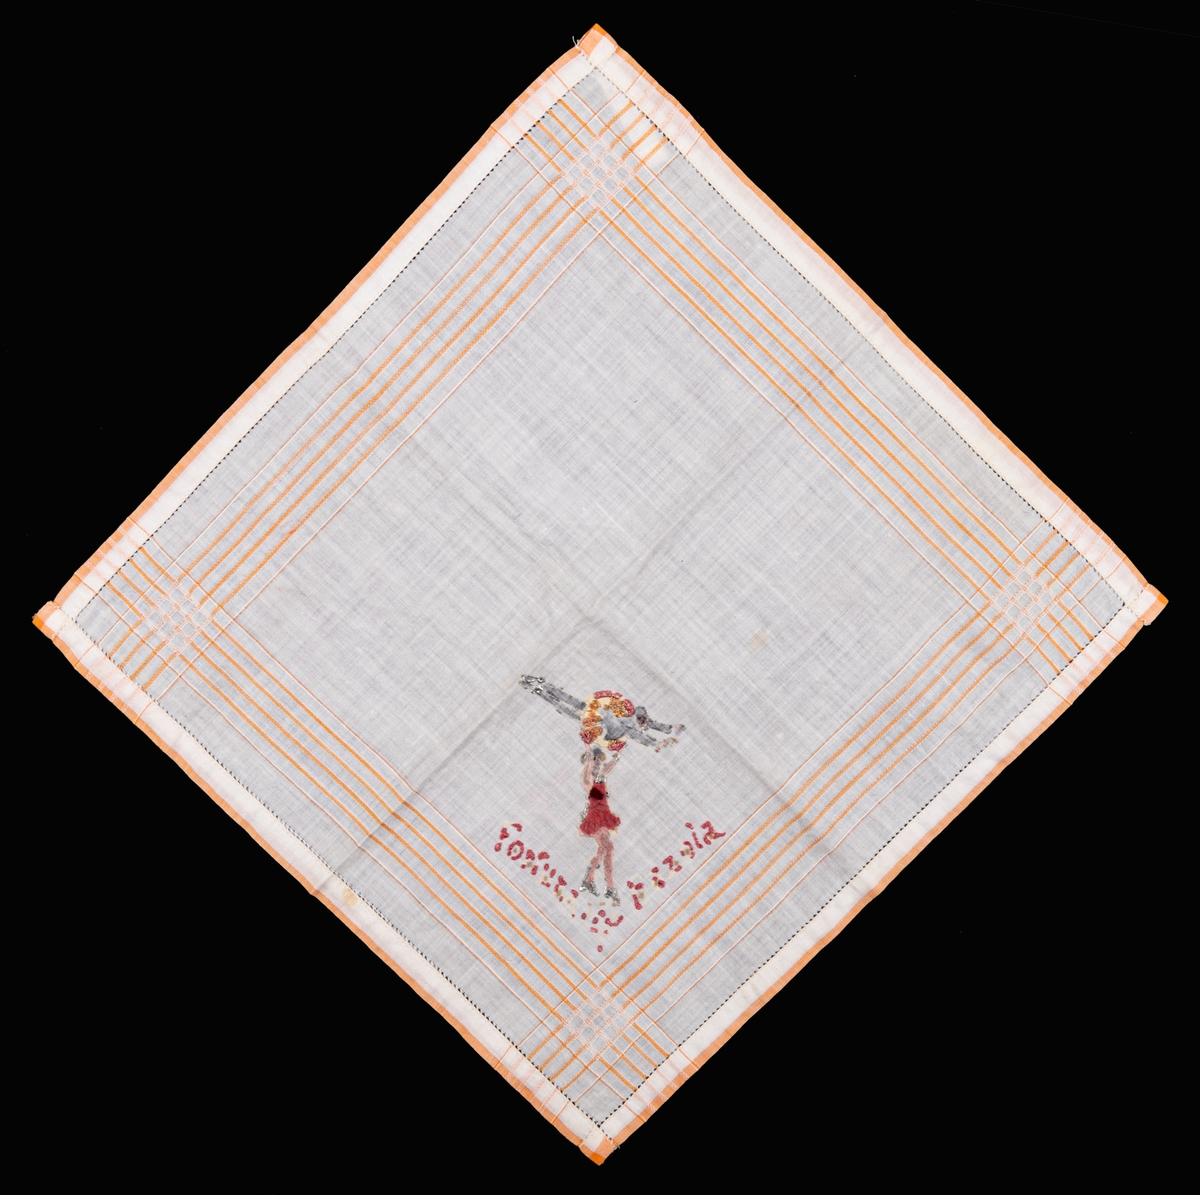 Vit näsduk med ränder i svagt orange. I hörnet finns ett handmålatmotiv på cirkusnummer med text under: Fortuna Bazola.